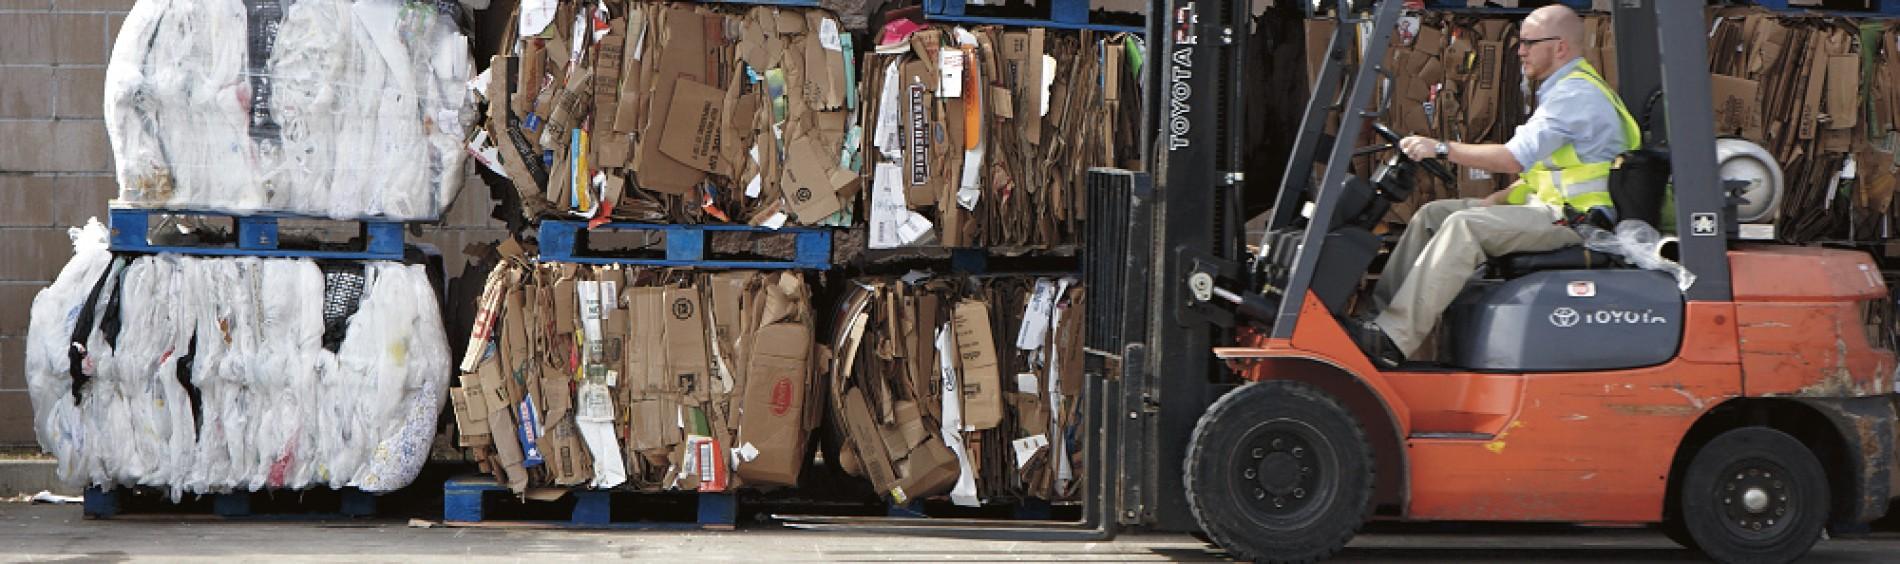 Recycling cardboard. Recyclage de carton.